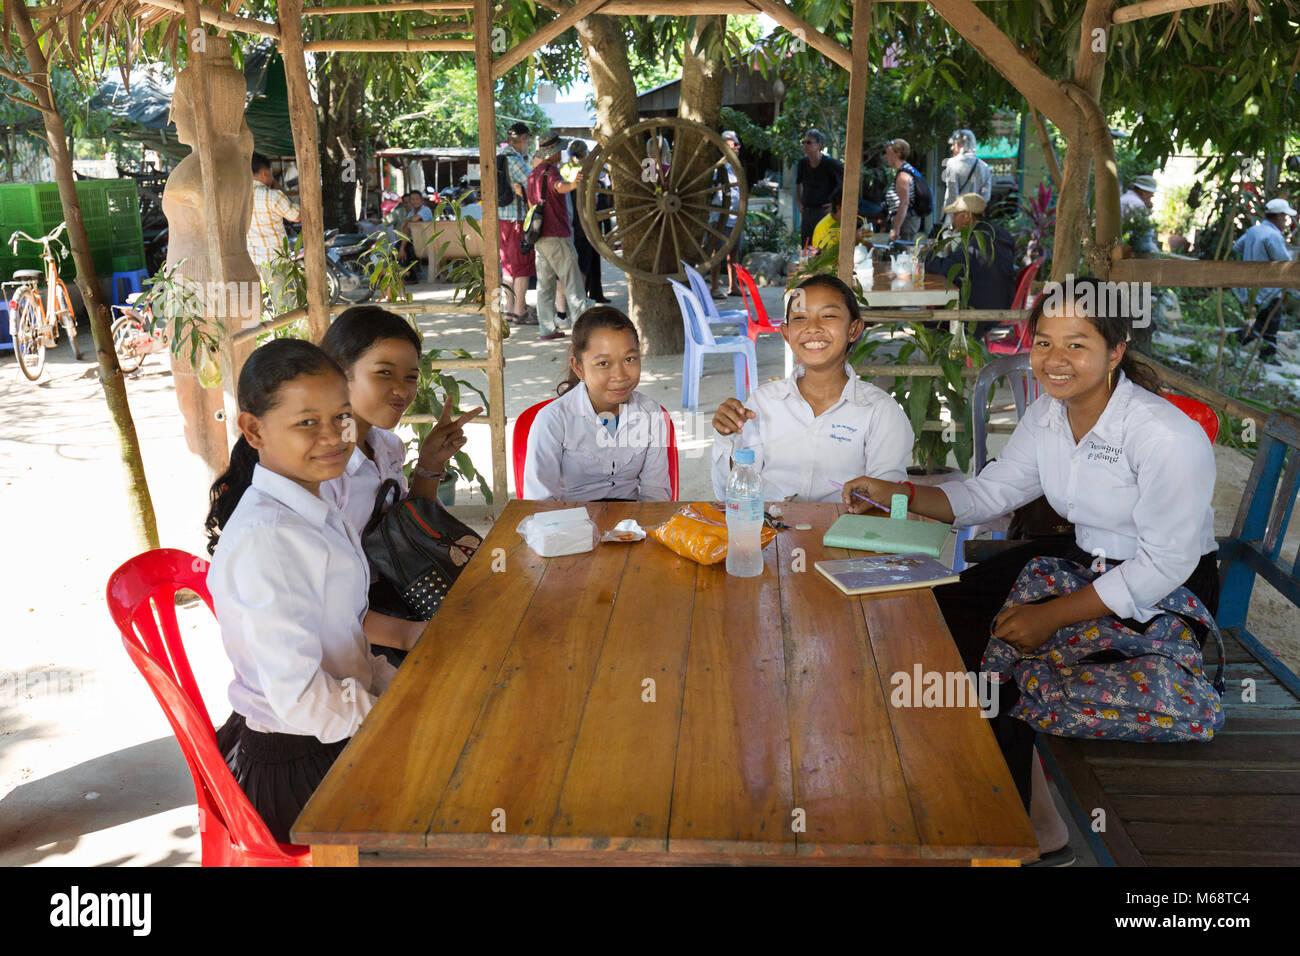 Kambodscha Kinder - teenage Schülerinnen in Schuluniform im Alter von 13-14 Jahren, Kambodscha, Asien Stockbild